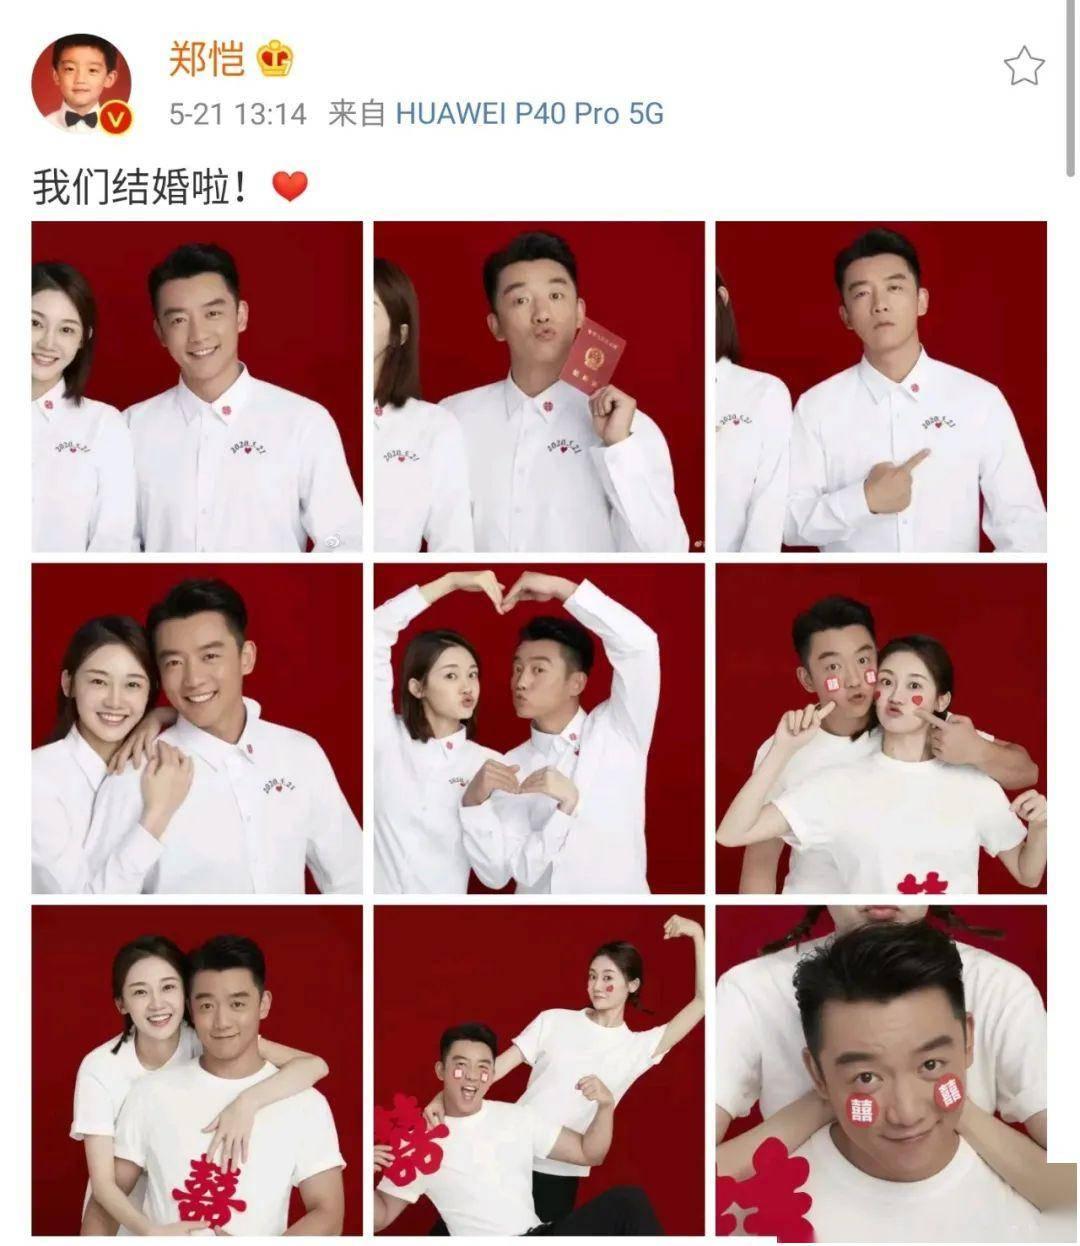 郑恺结婚,前女友被cue上热搜:没和他结婚,是我输了吗?